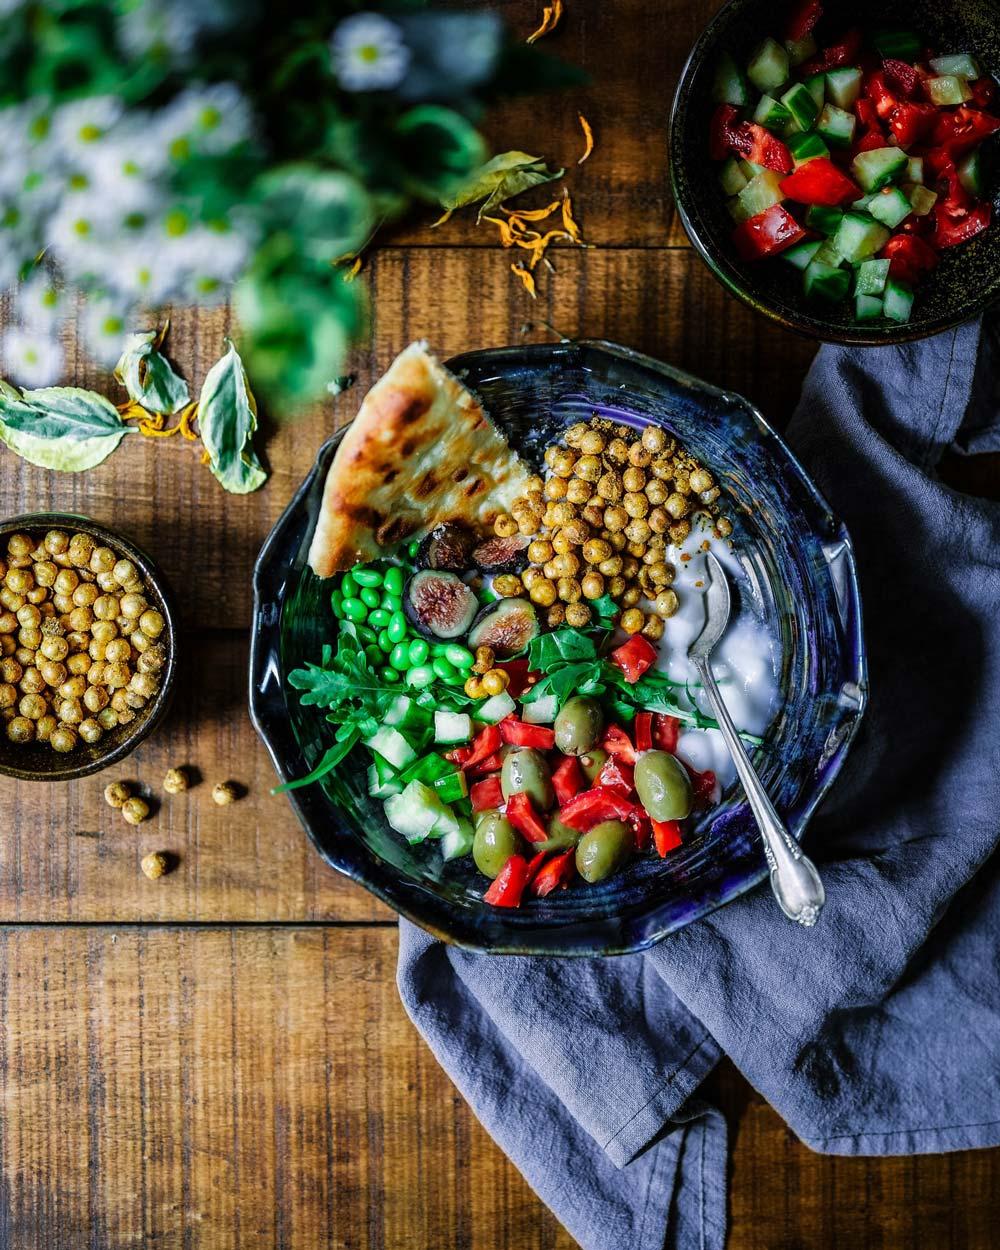 Biljni izvori proteina 2